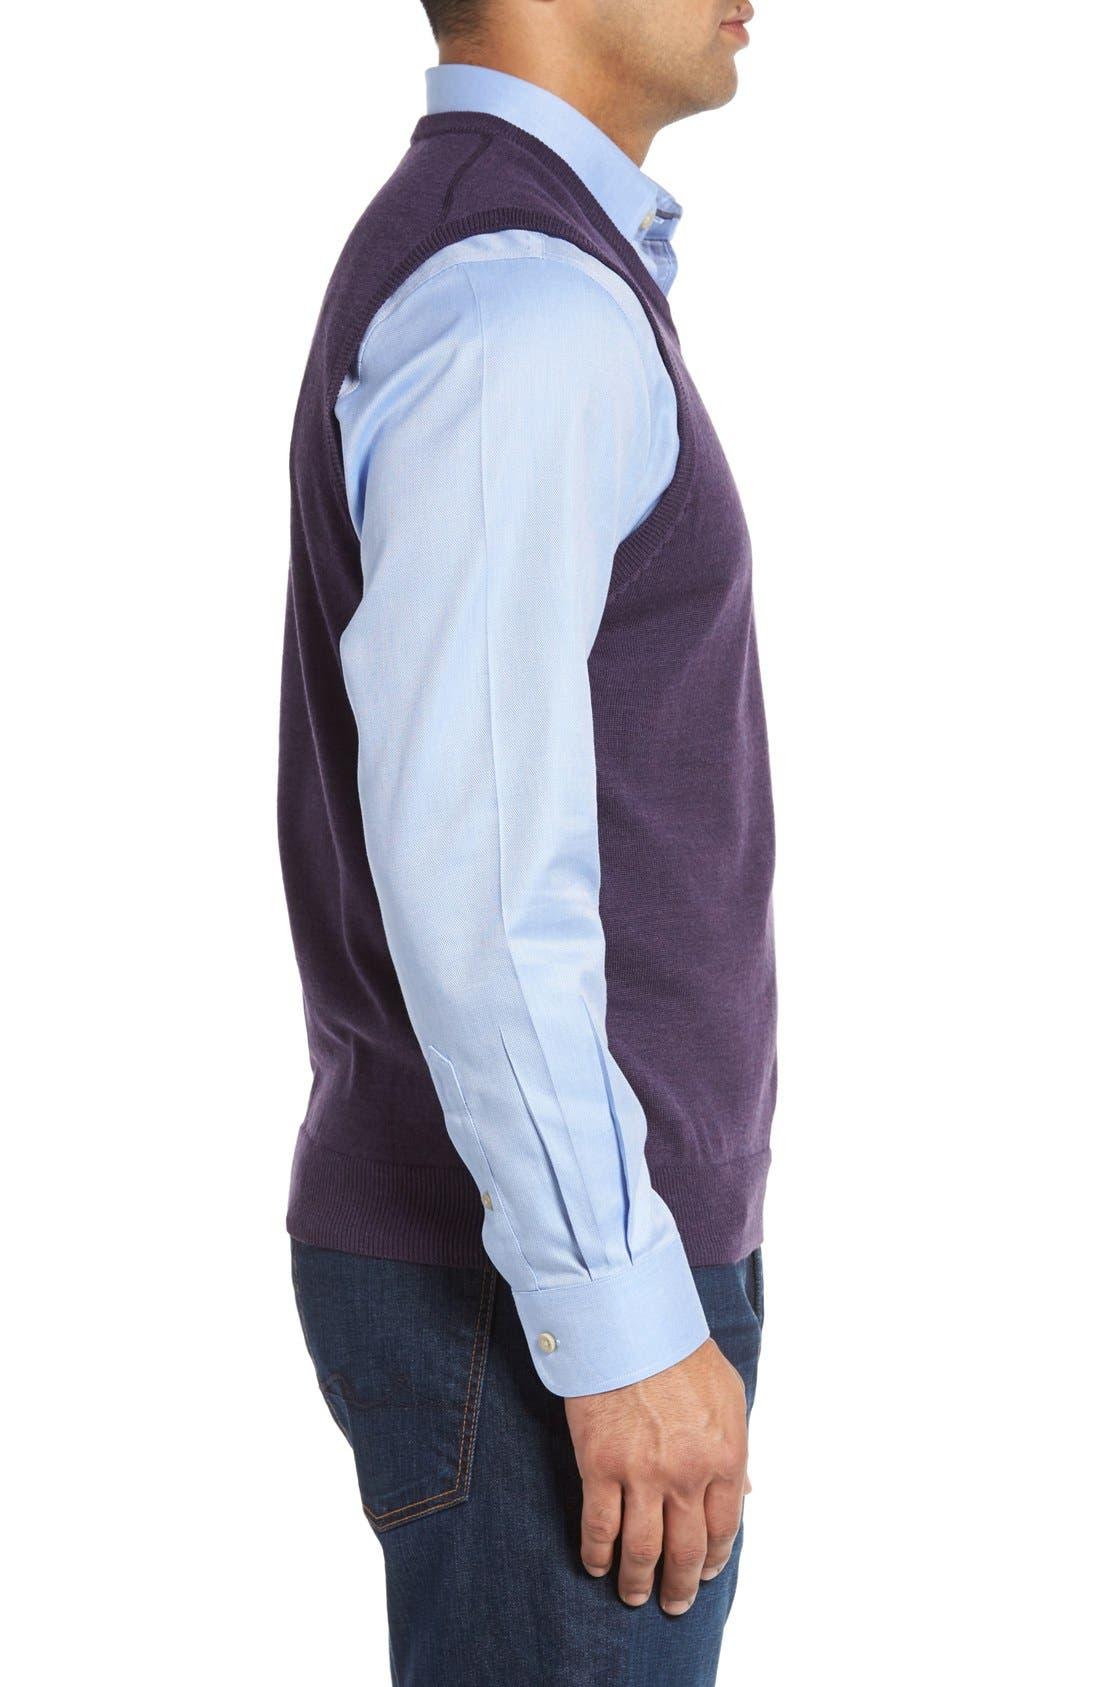 Alternate Image 3  - Cutter & Buck 'Douglas' Merino Wool Blend V-Neck Sweater Vest (Online Only)